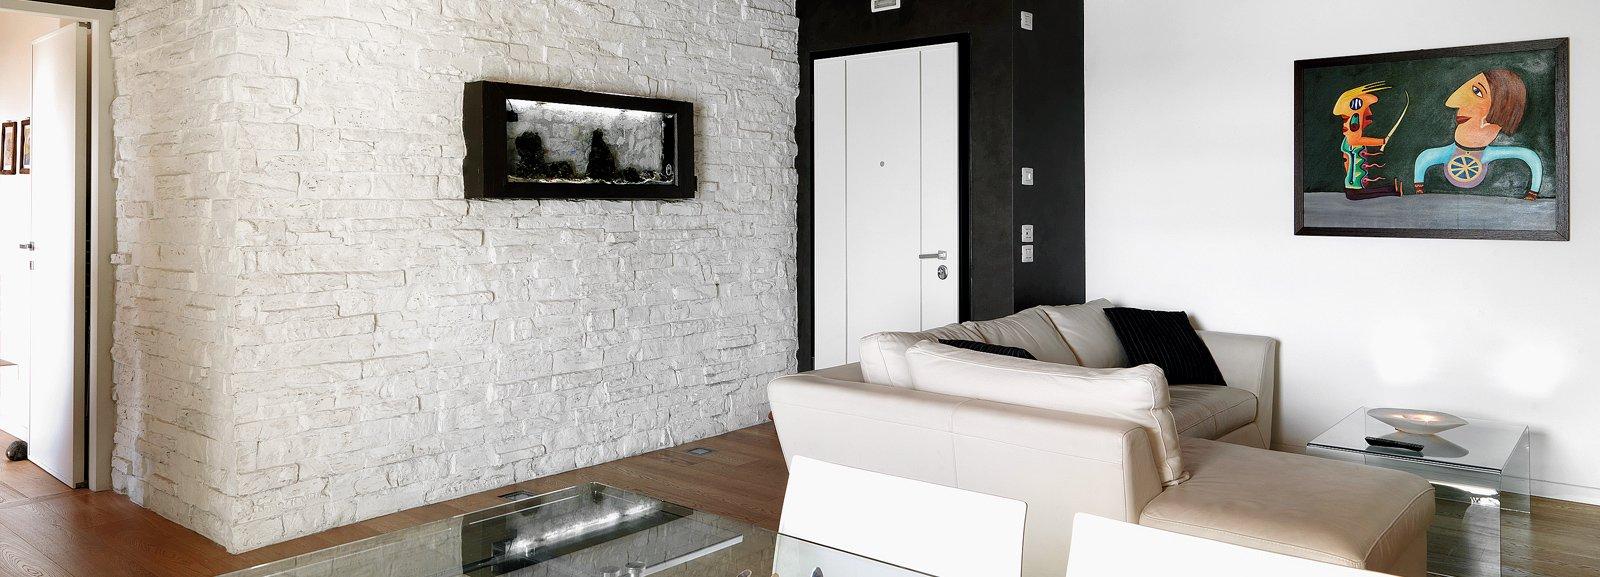 Casa con 10 trucchi 83 mq sembrano pi grandi cose di for Ristrutturare appartamento 75 mq